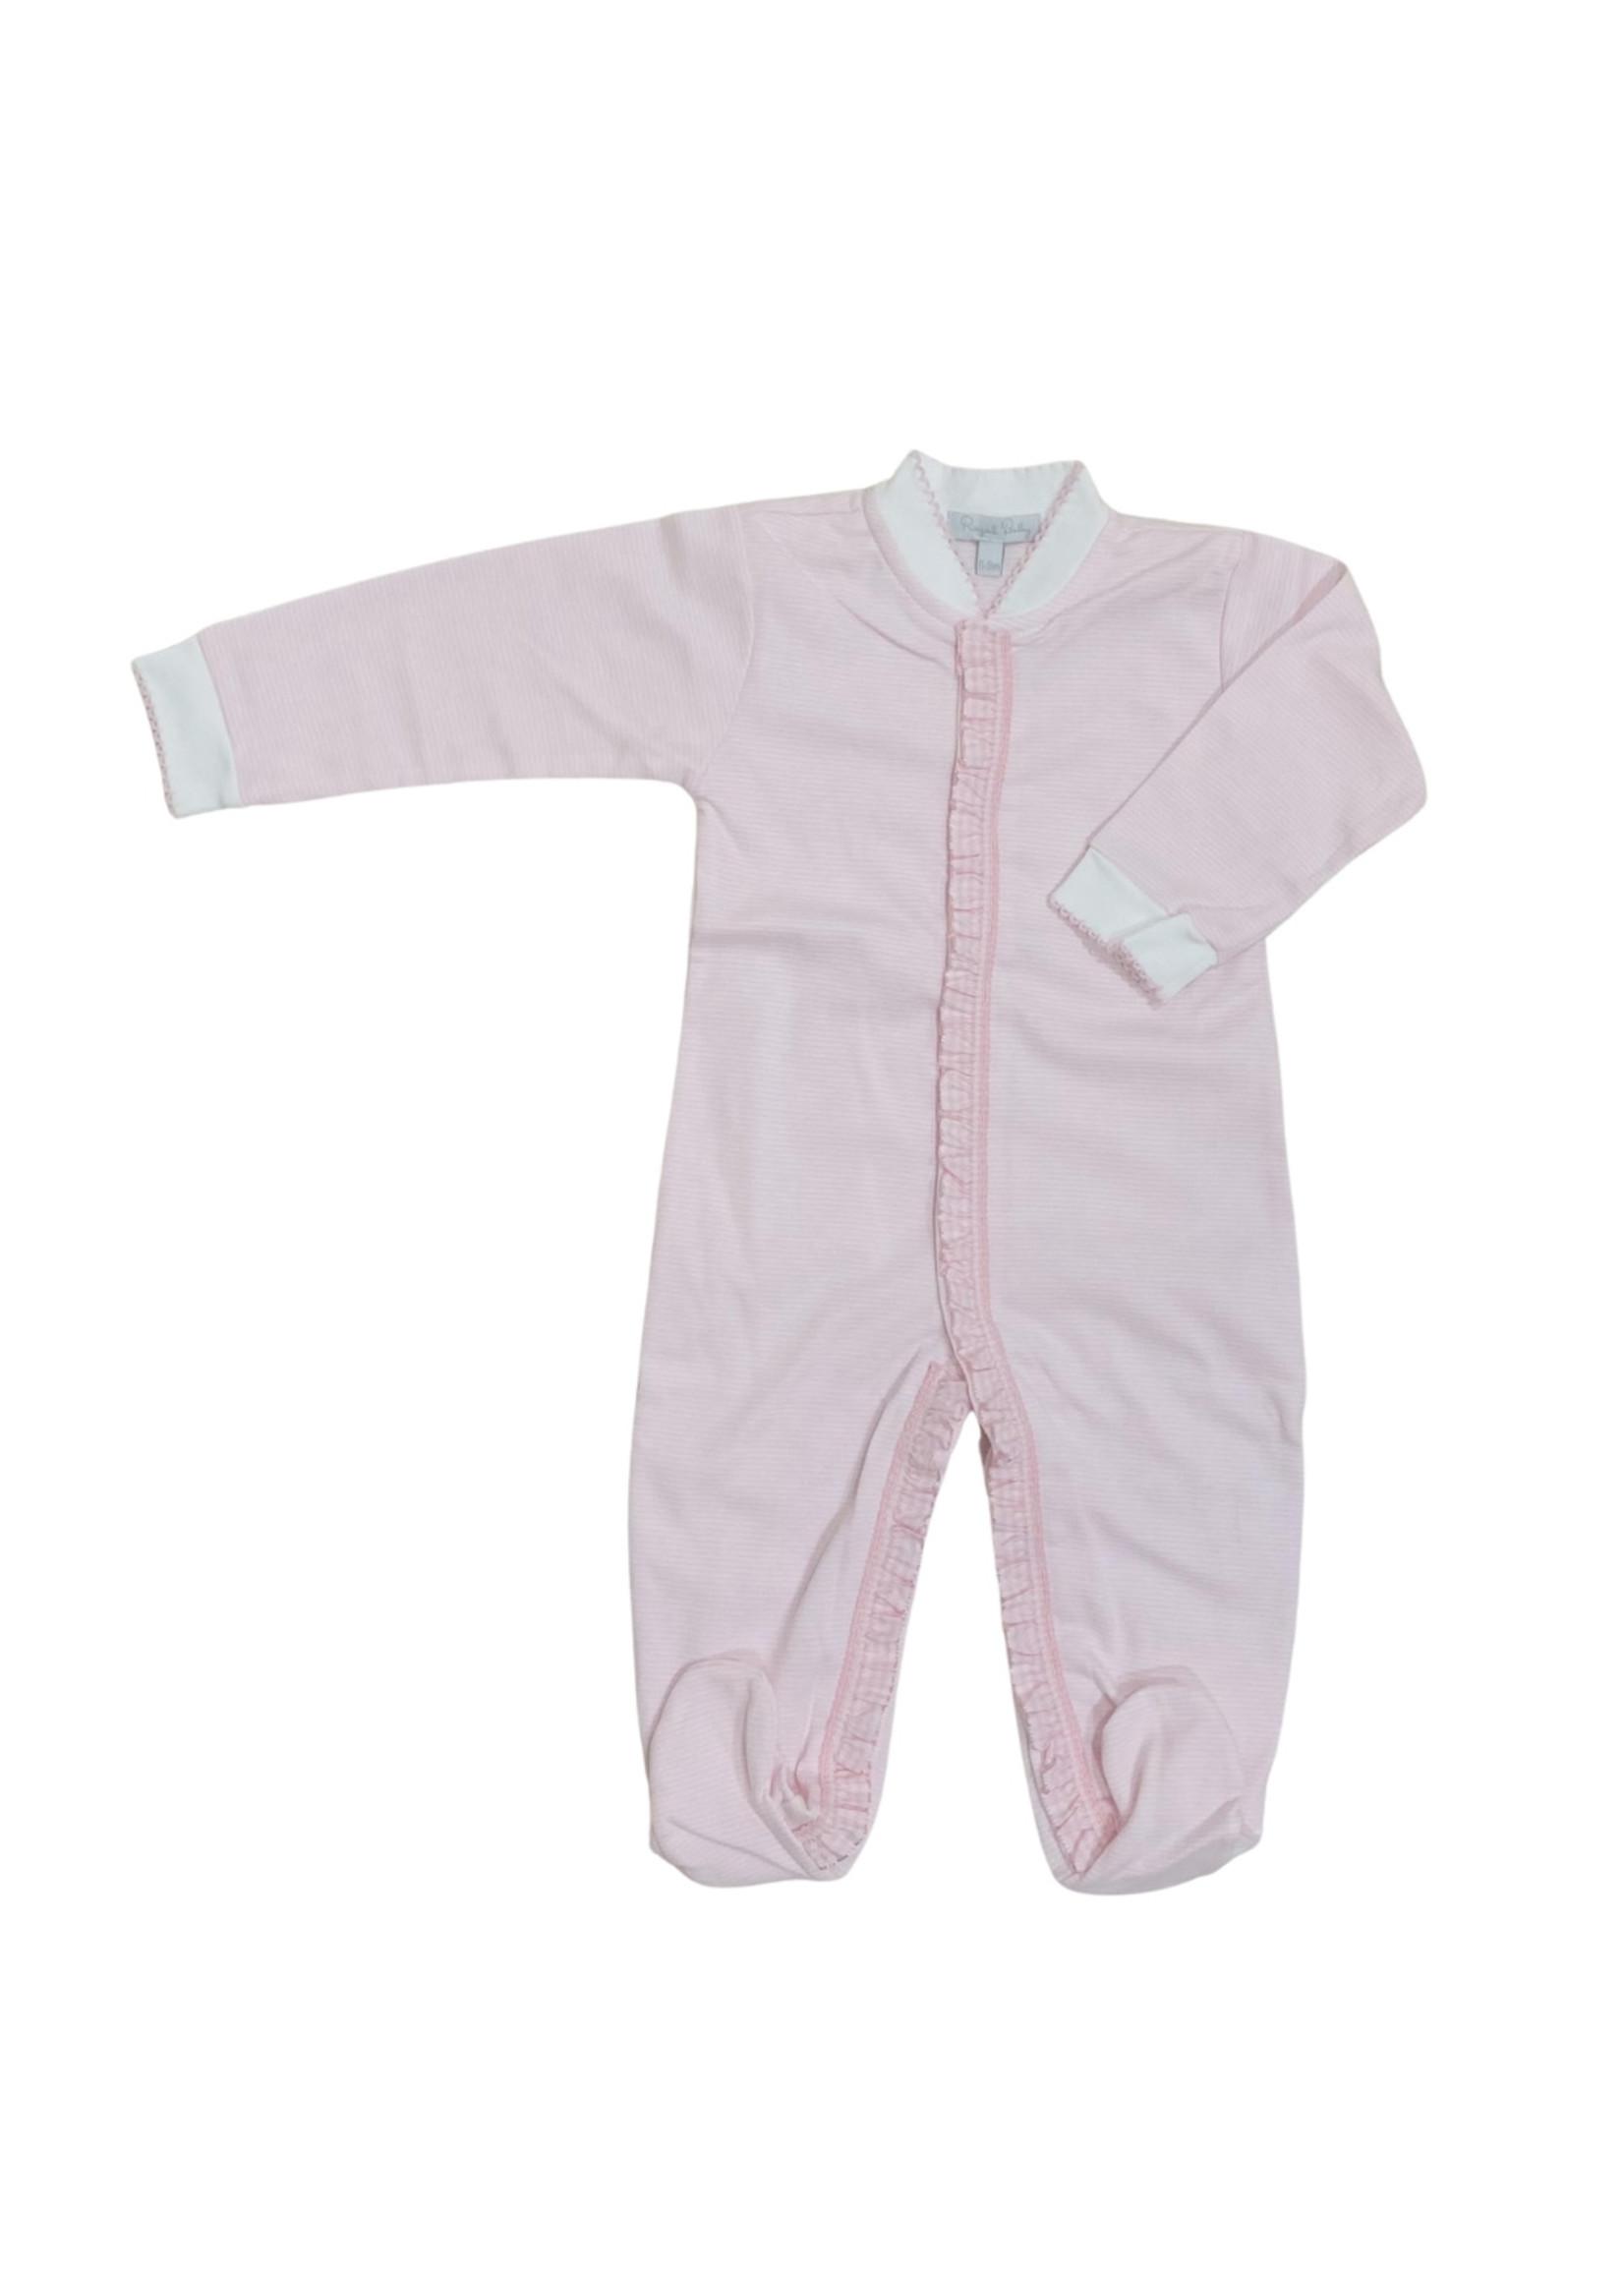 Royal Baby Royal Baby Pink Stripe/Pink Ruffle Trim Footie